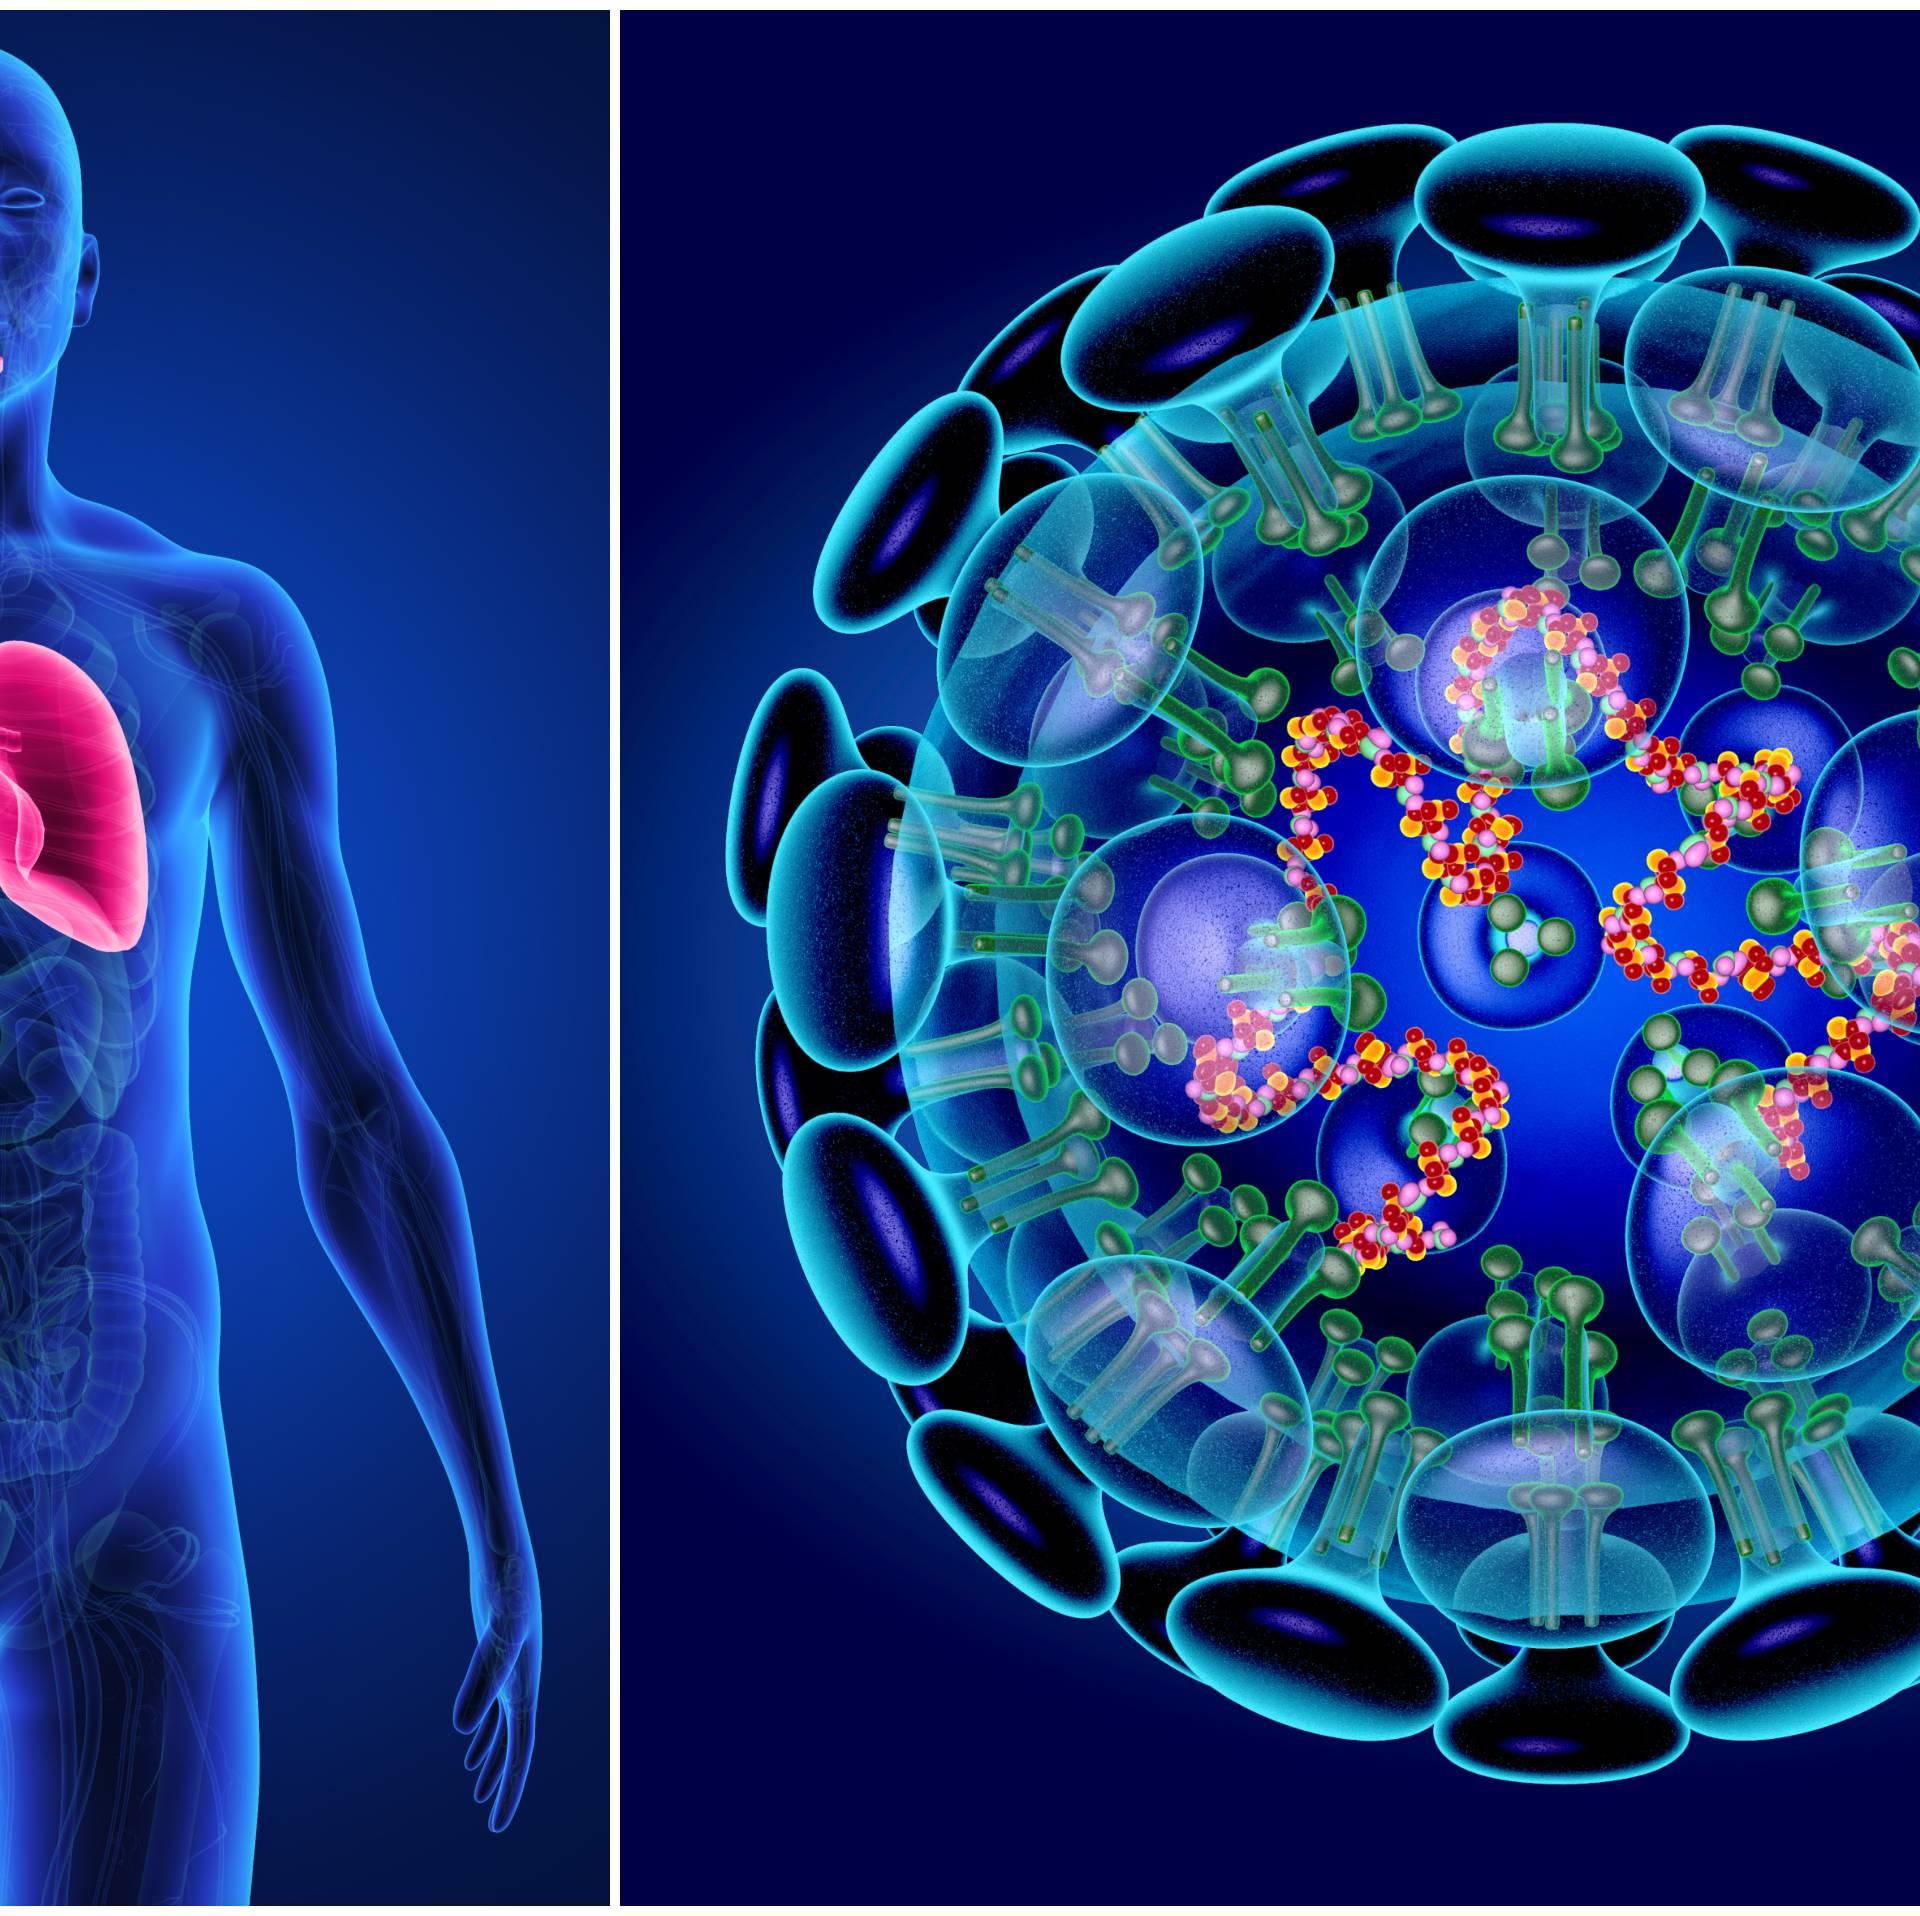 Nije opasan kao ospice i SARS: Kako izbjeći zarazu 'koronom'?